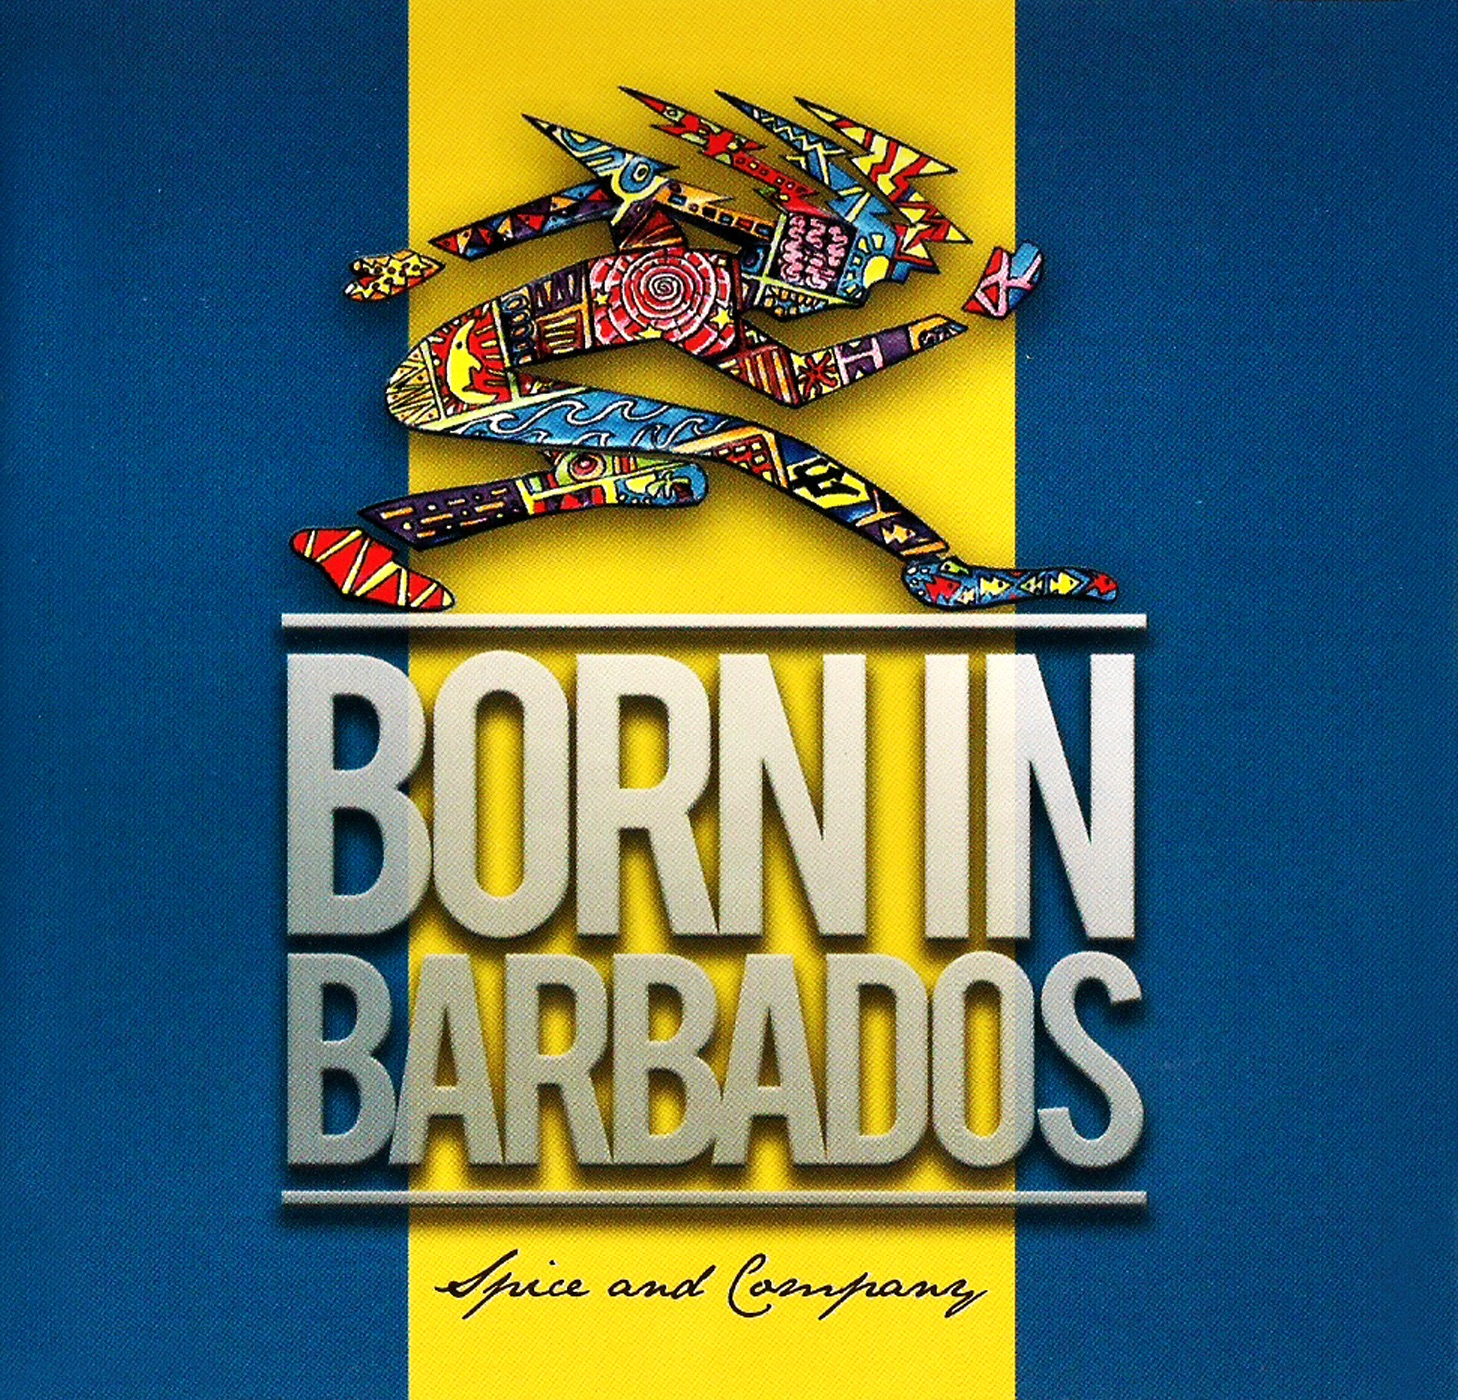 Born In Barbados